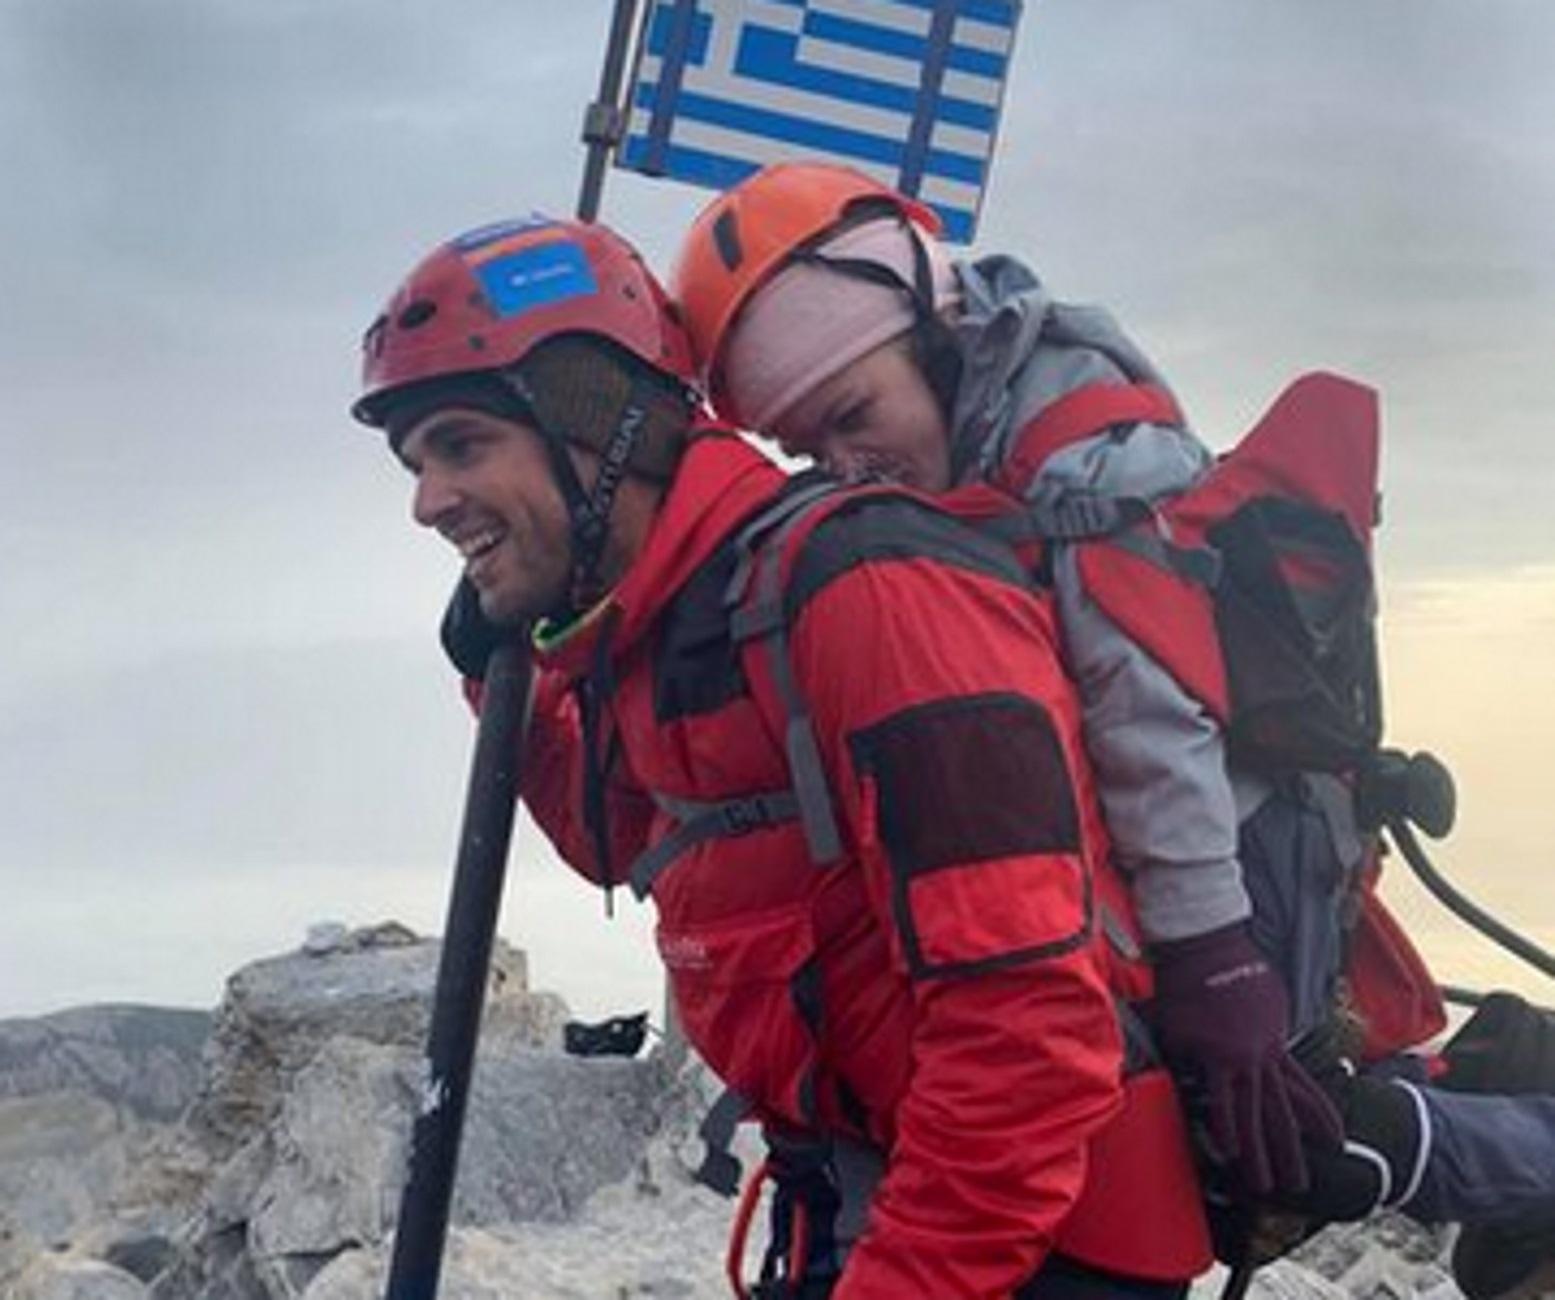 Όλυμπος: Καθηλώνει η 22χρονη Ελευθερία που έφτασε στην κορυφή των 2.900 μέτρων στην πλάτη του Μάριου (Φωτό)